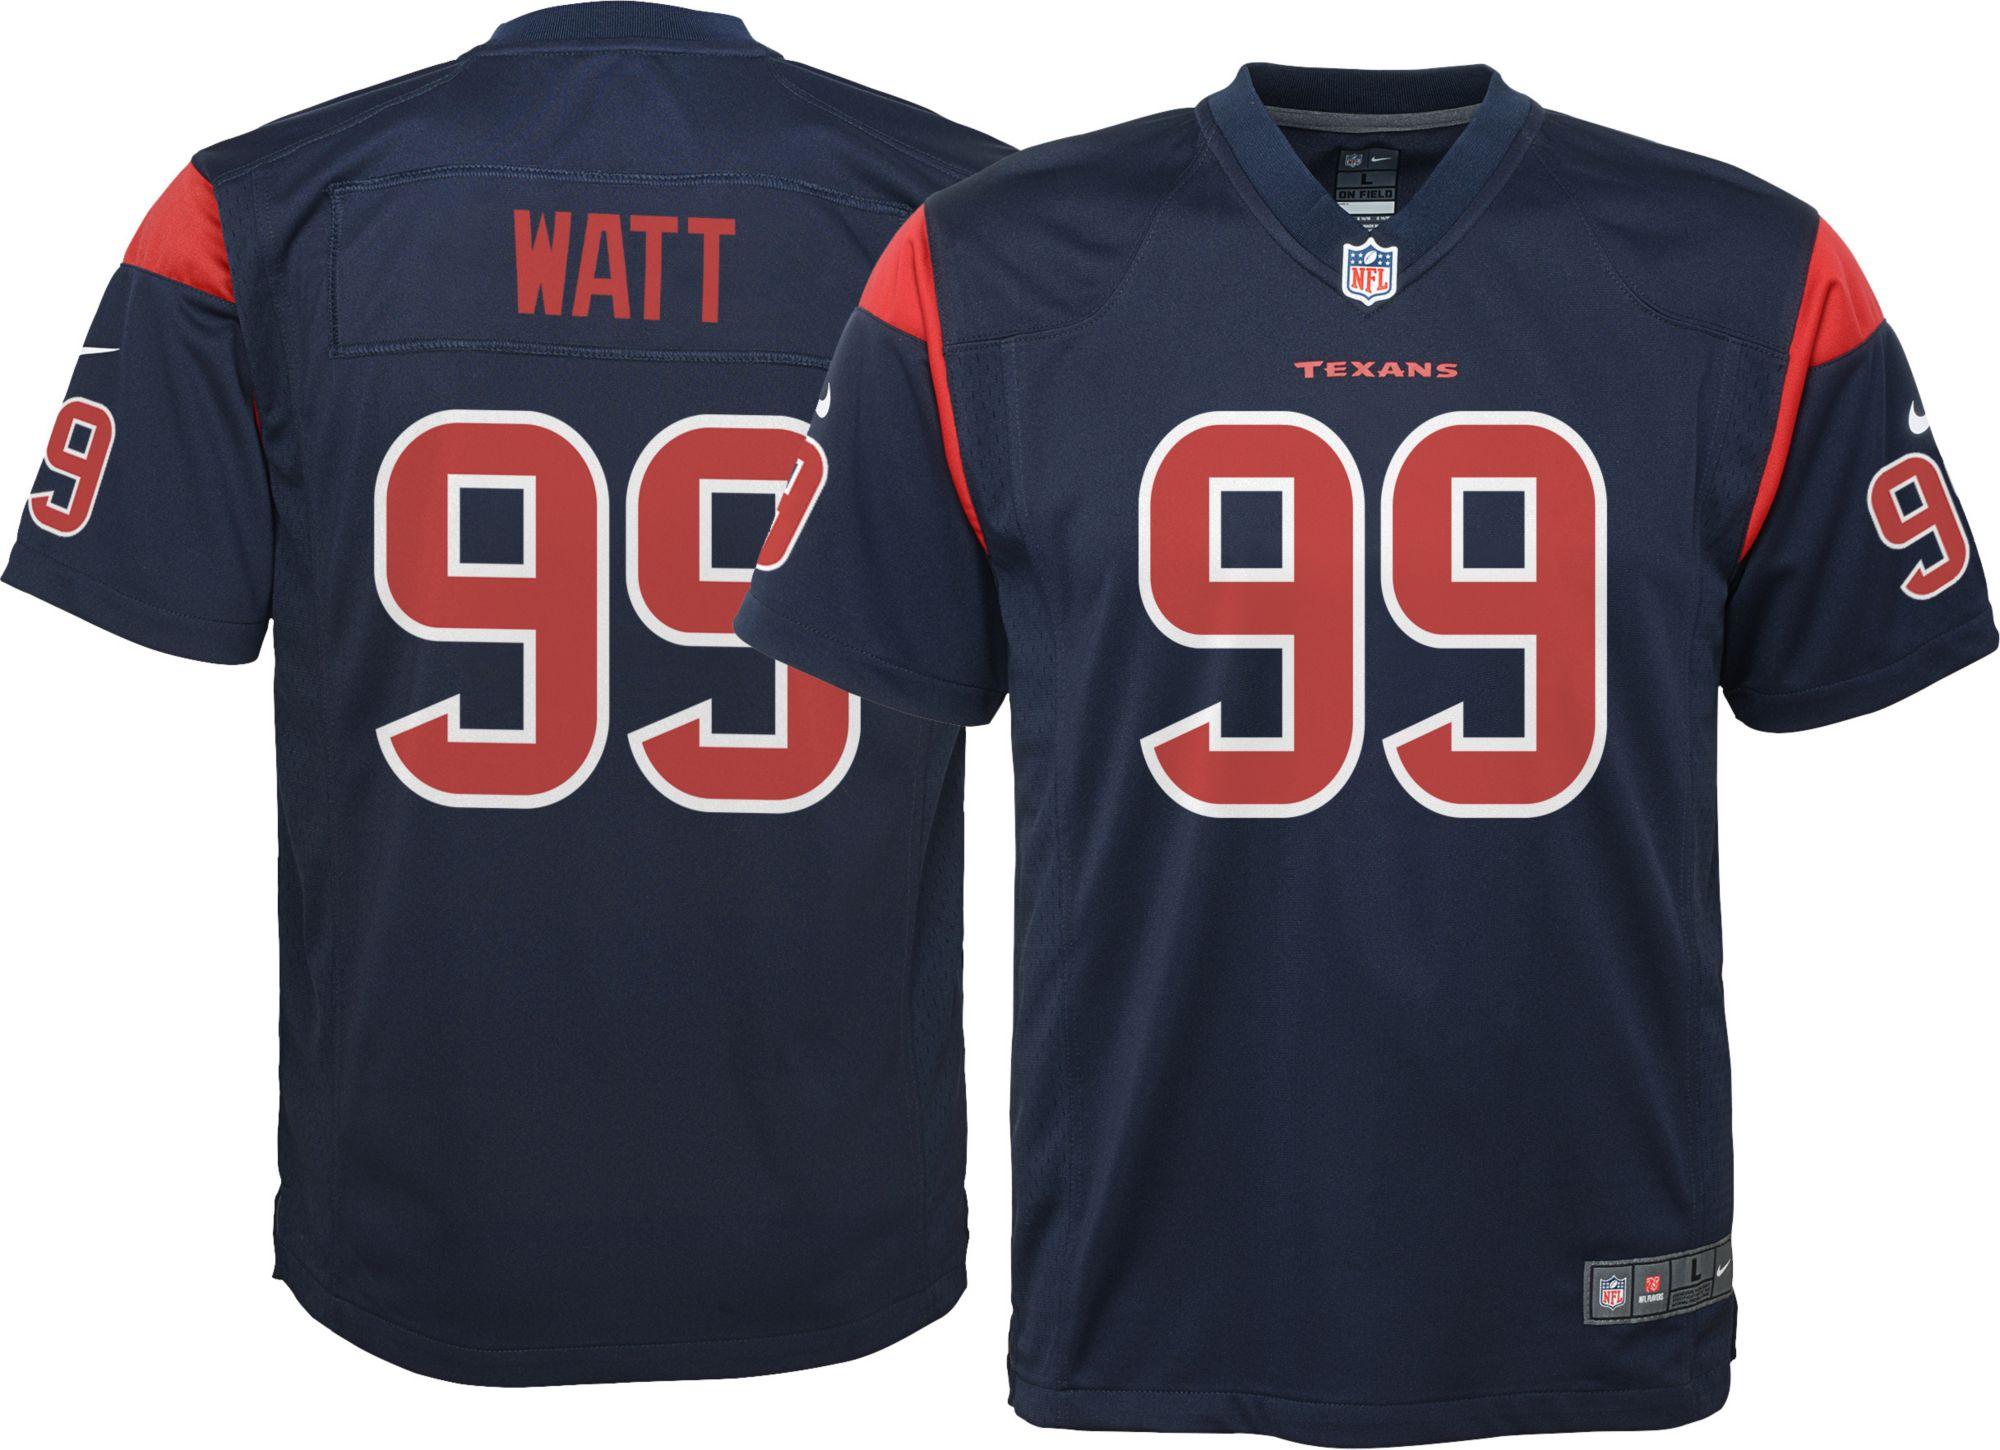 timeless design 9375a 2cc1d jj watt jersey number